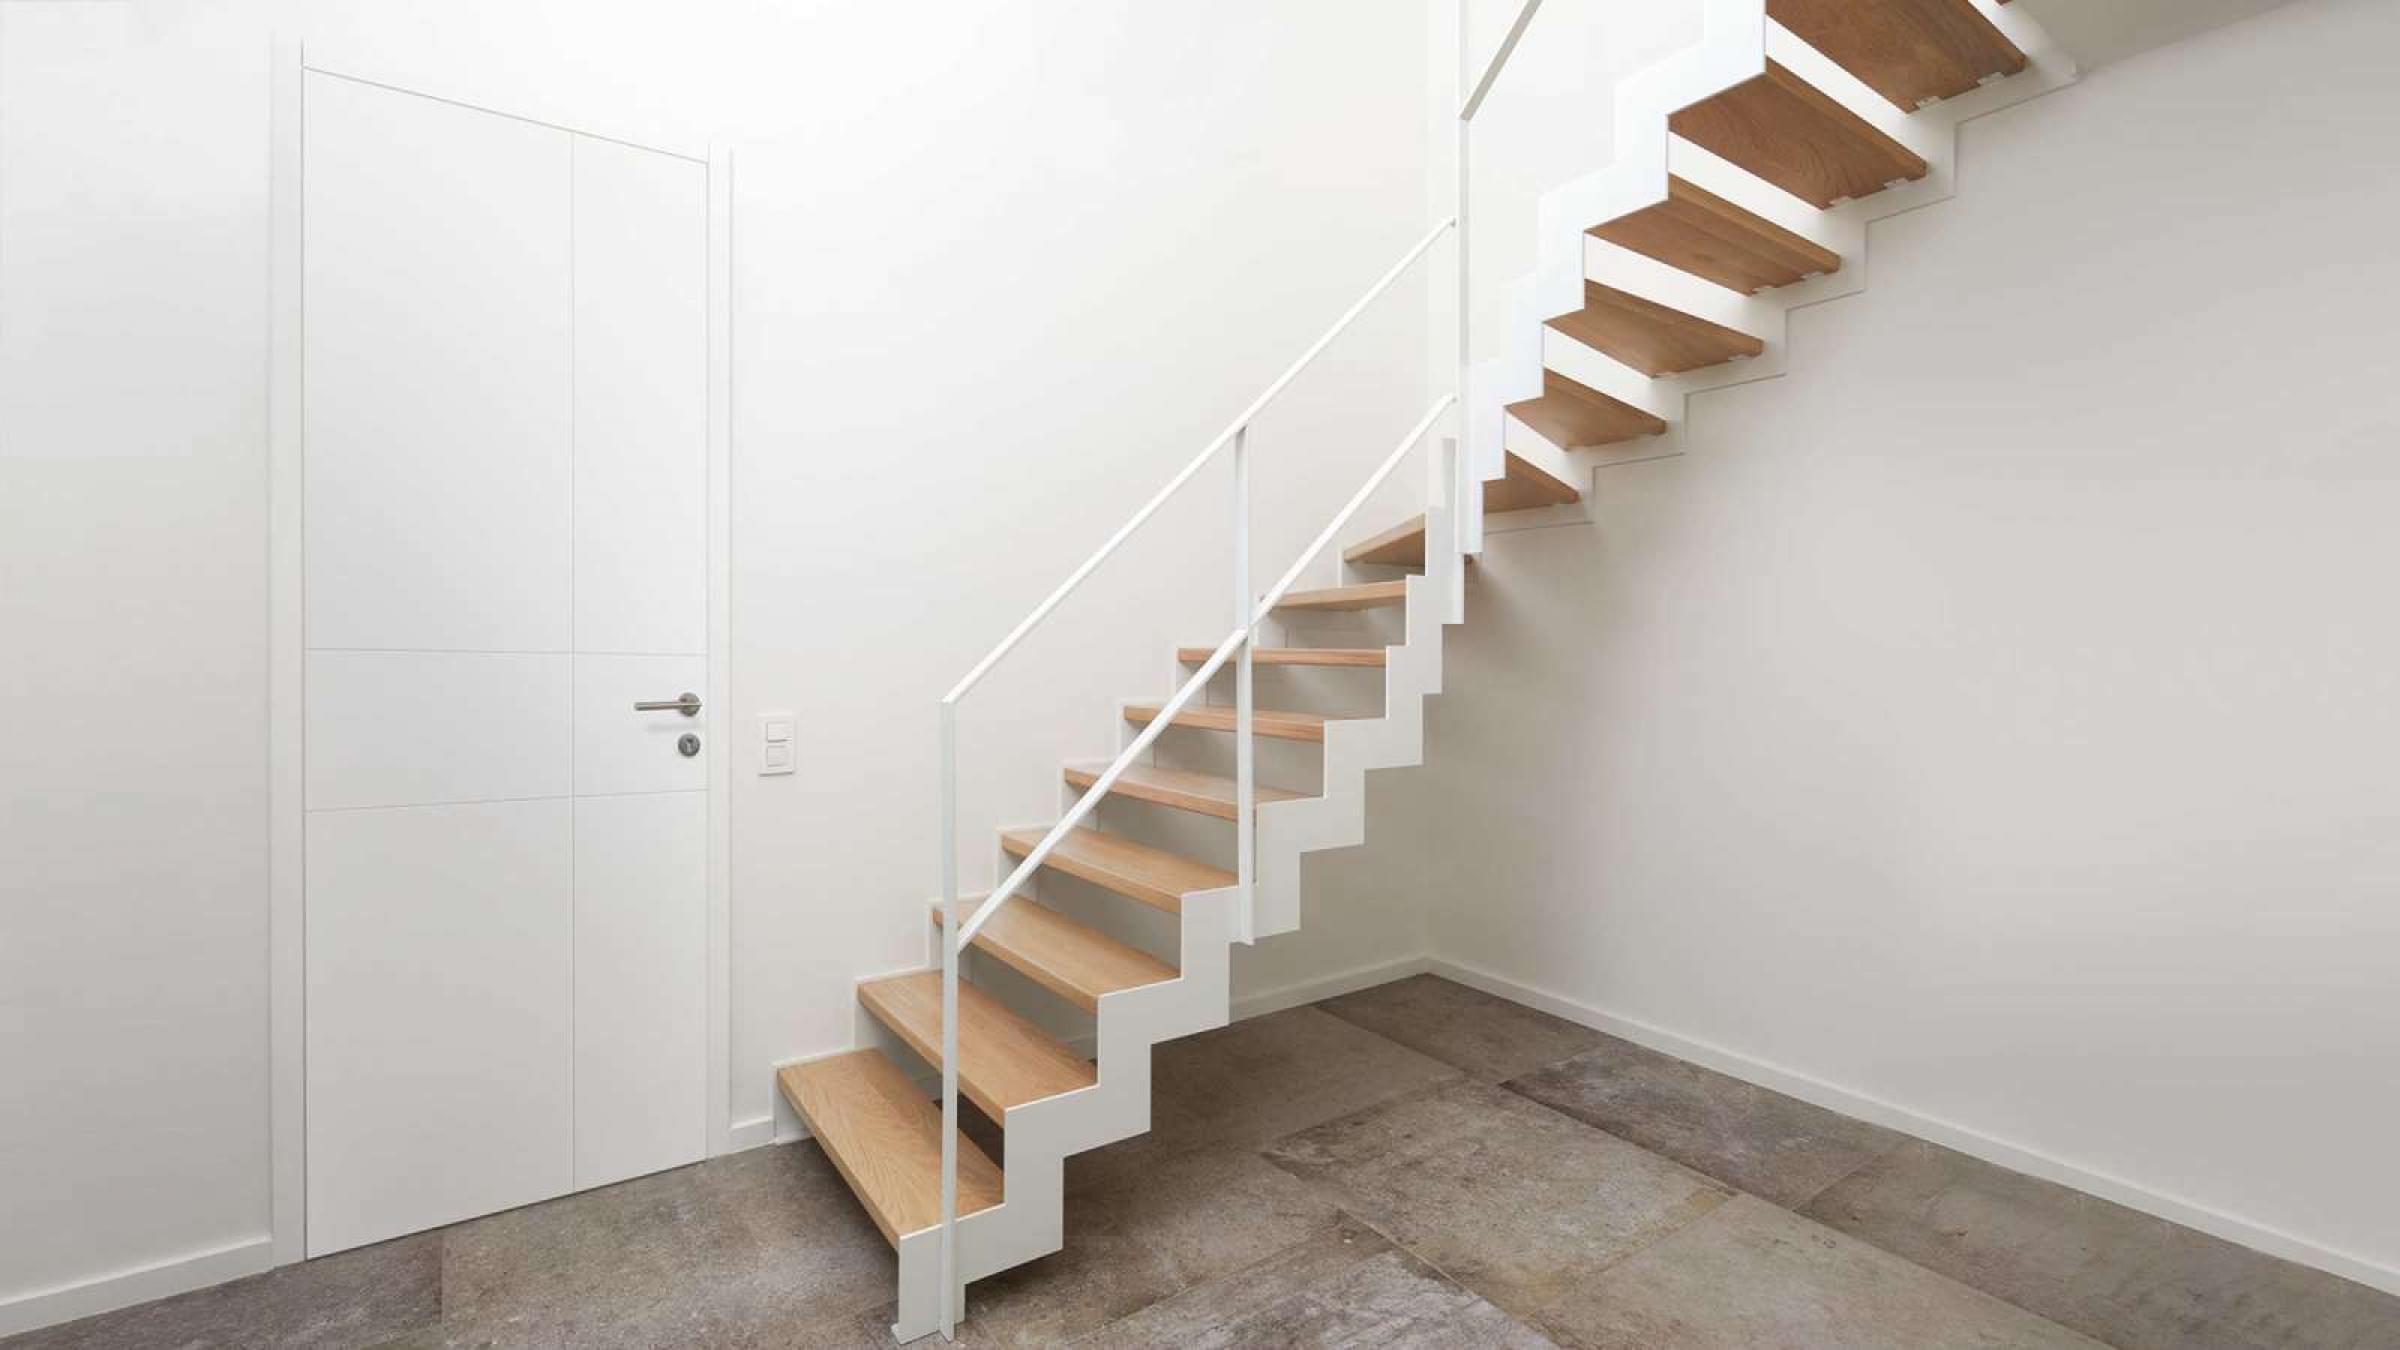 nordex-trappen-vakmanschap-2400